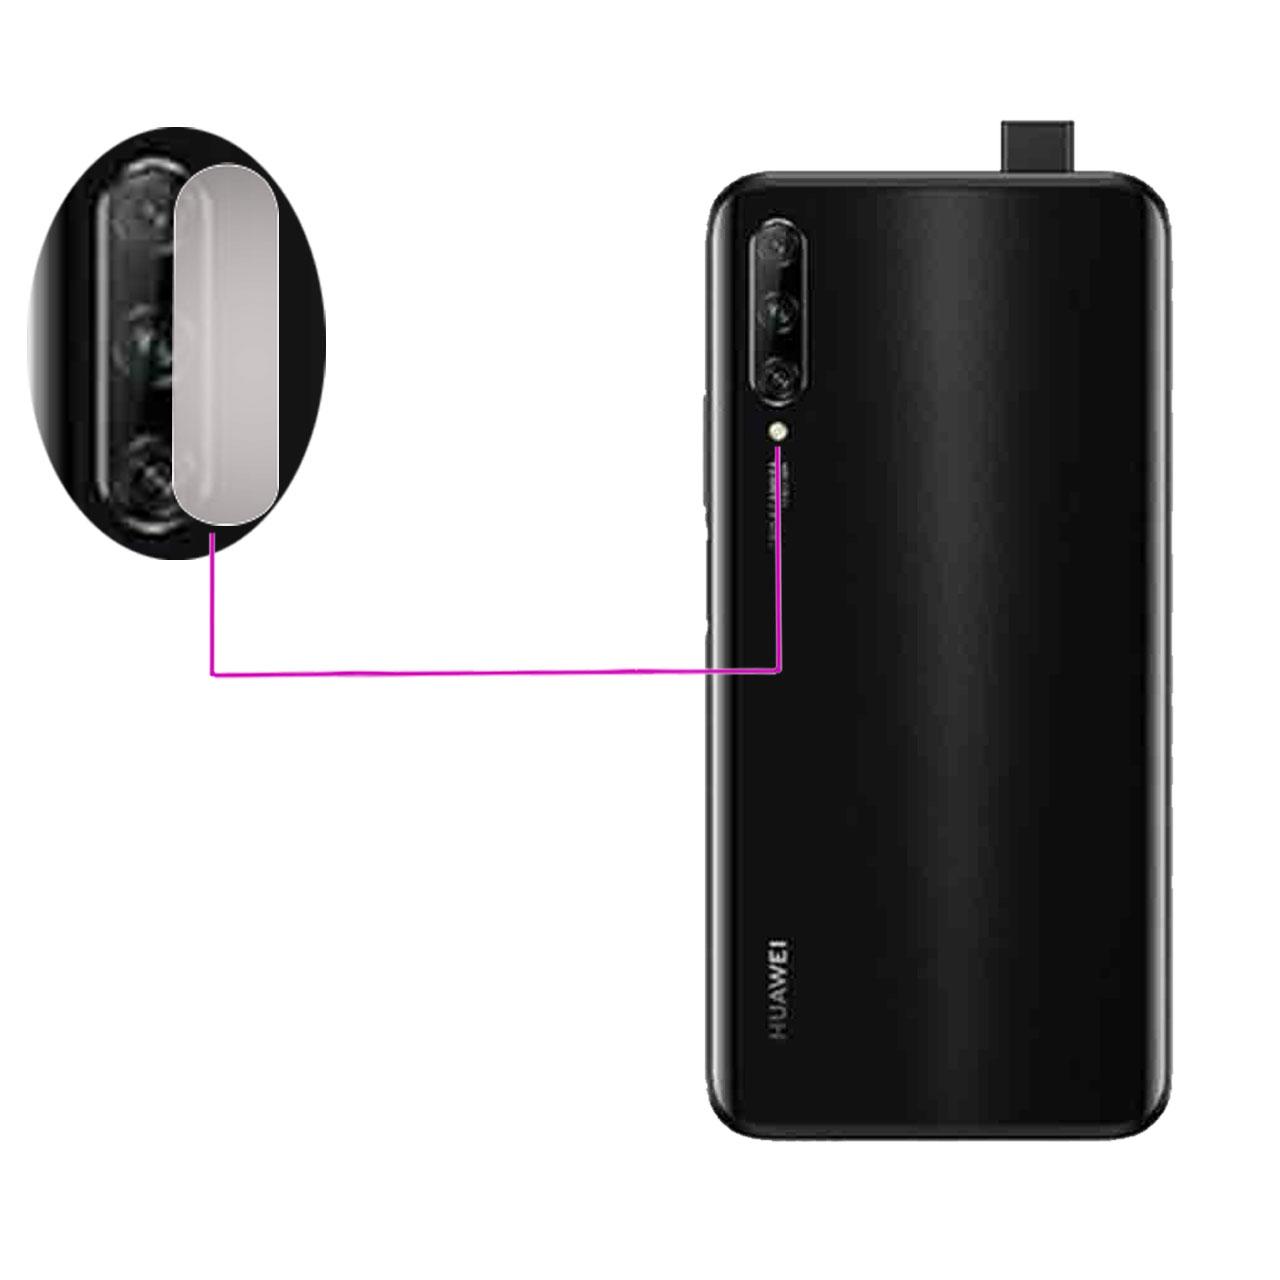 محافظ لنز دوربین مدل LTP مناسب برای گوشی موبایل هوآوی Y9s              ( قیمت و خرید)